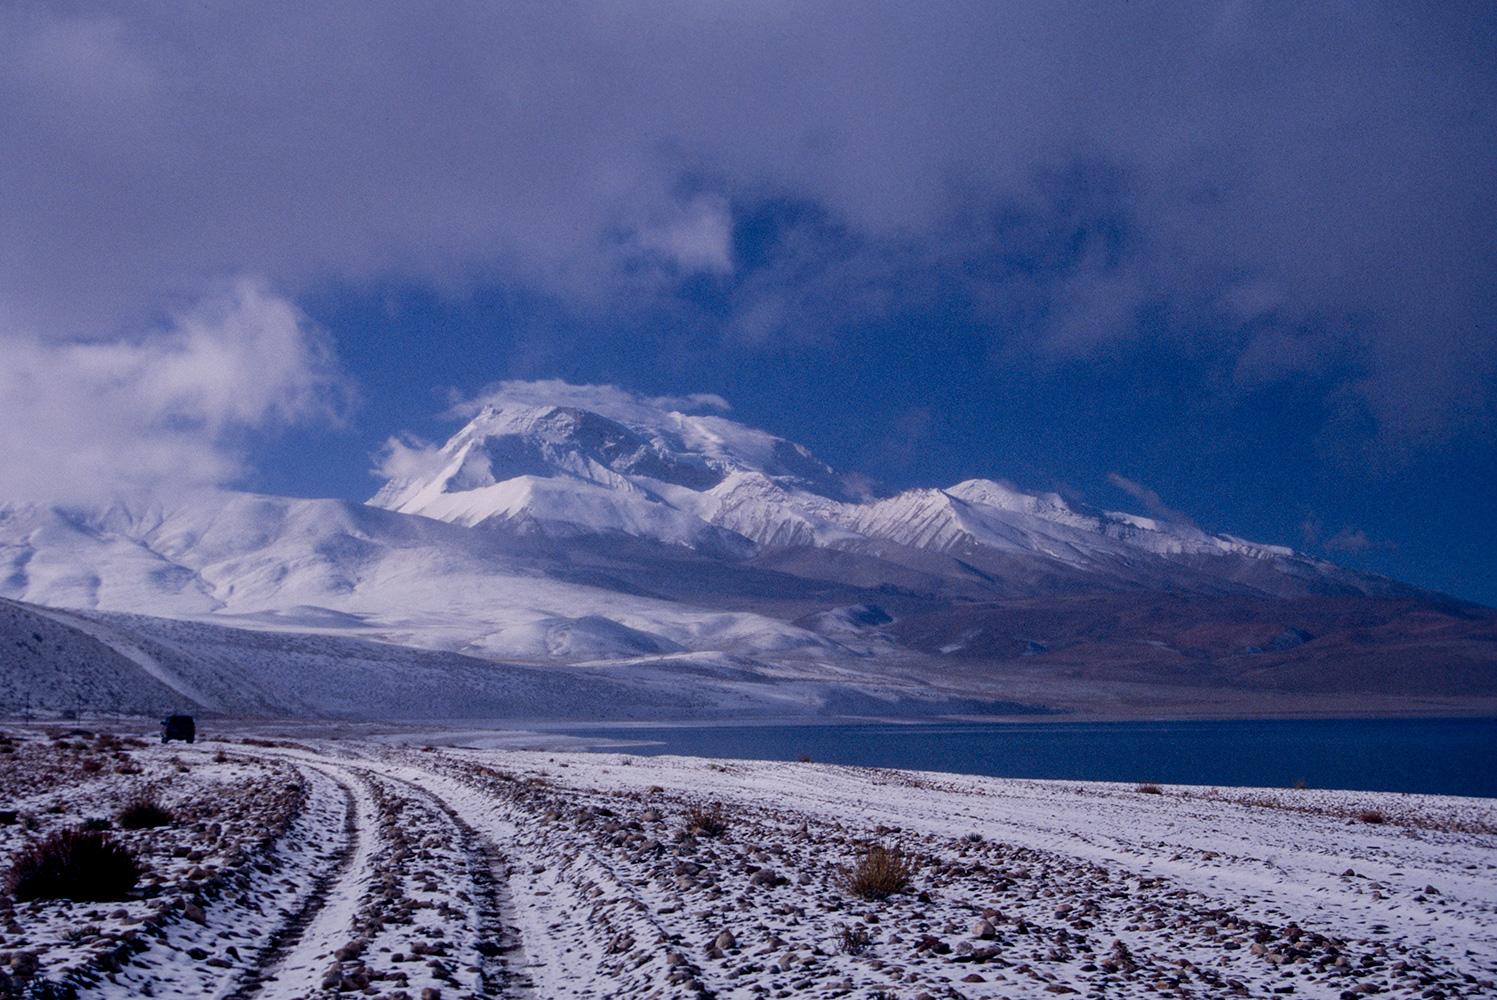 gurla_mandata_snow_96RVP